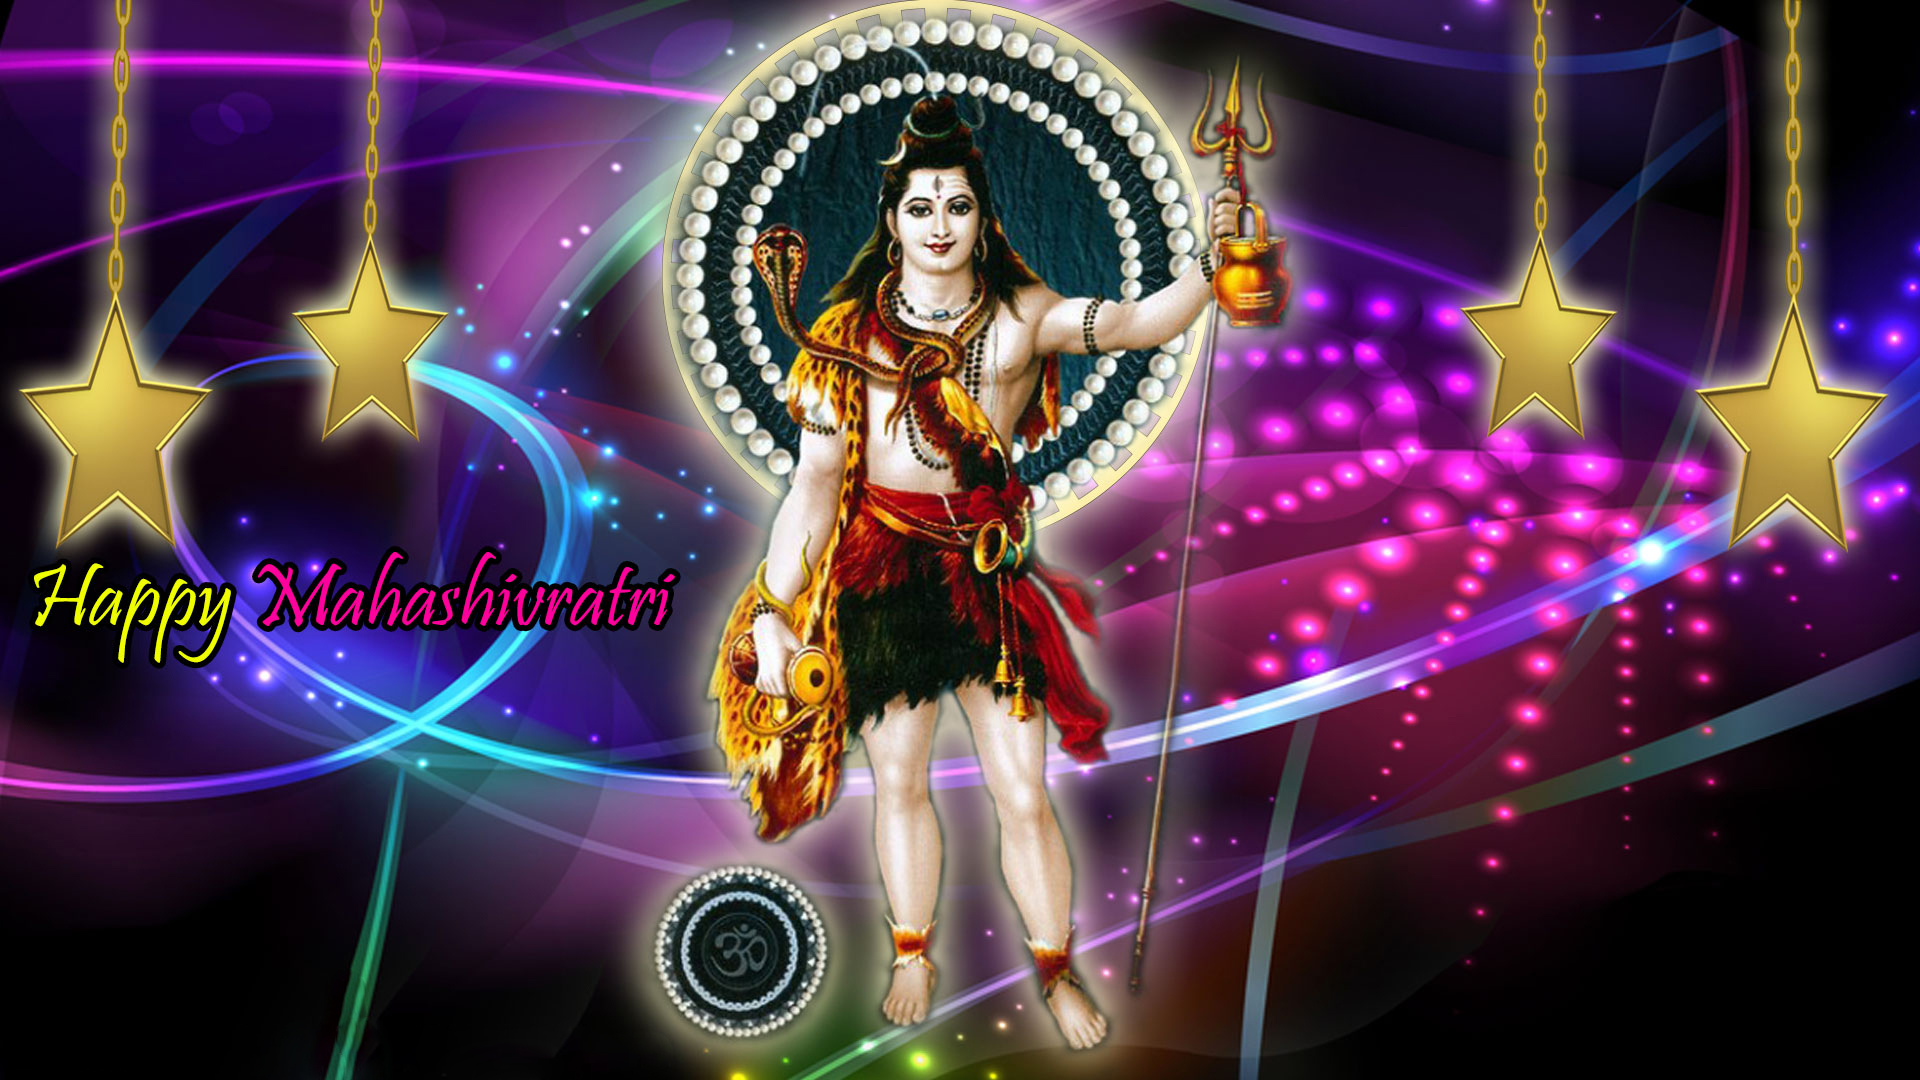 Maha Shivratri Wallpapers For Mobile